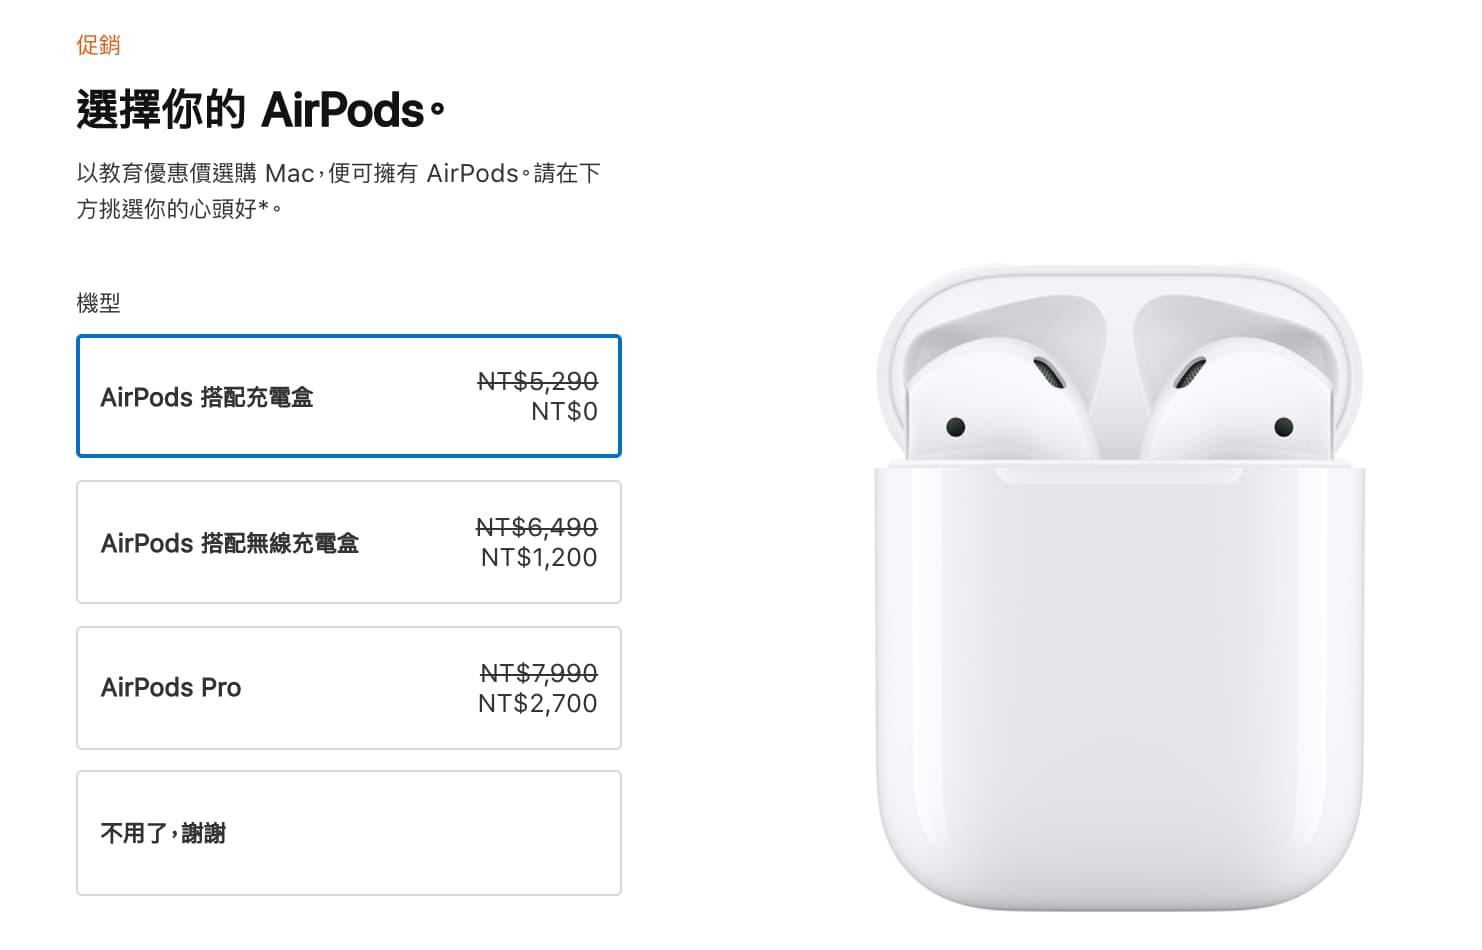 台灣 Back to school 2020 開學季專案送 AirPods 耳機